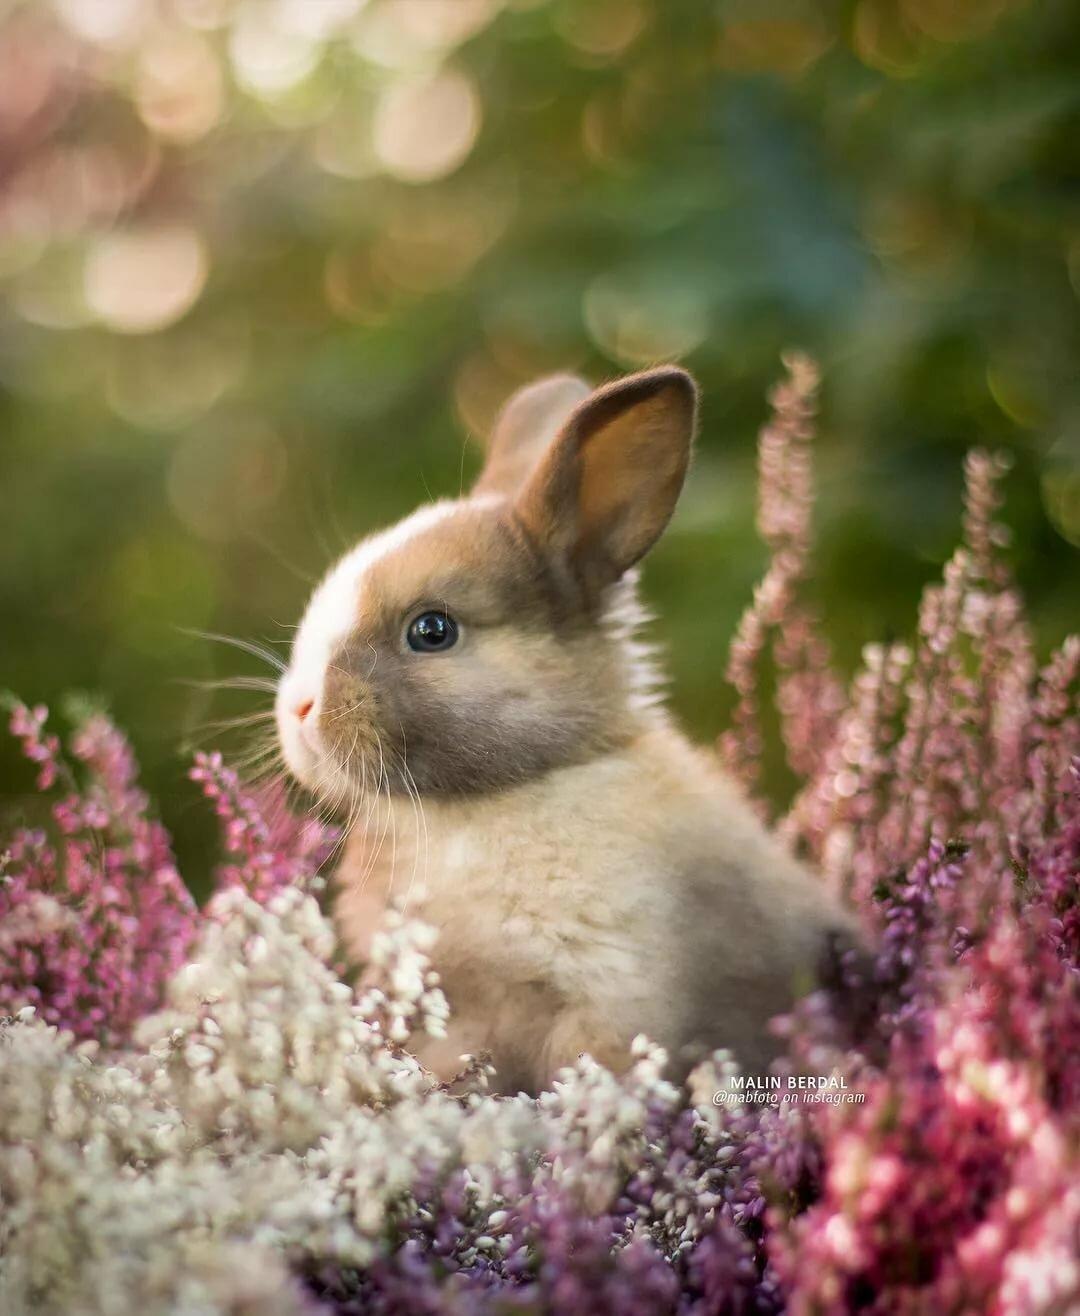 предпочитает картинки с милыми очень кроликами дико-мощные